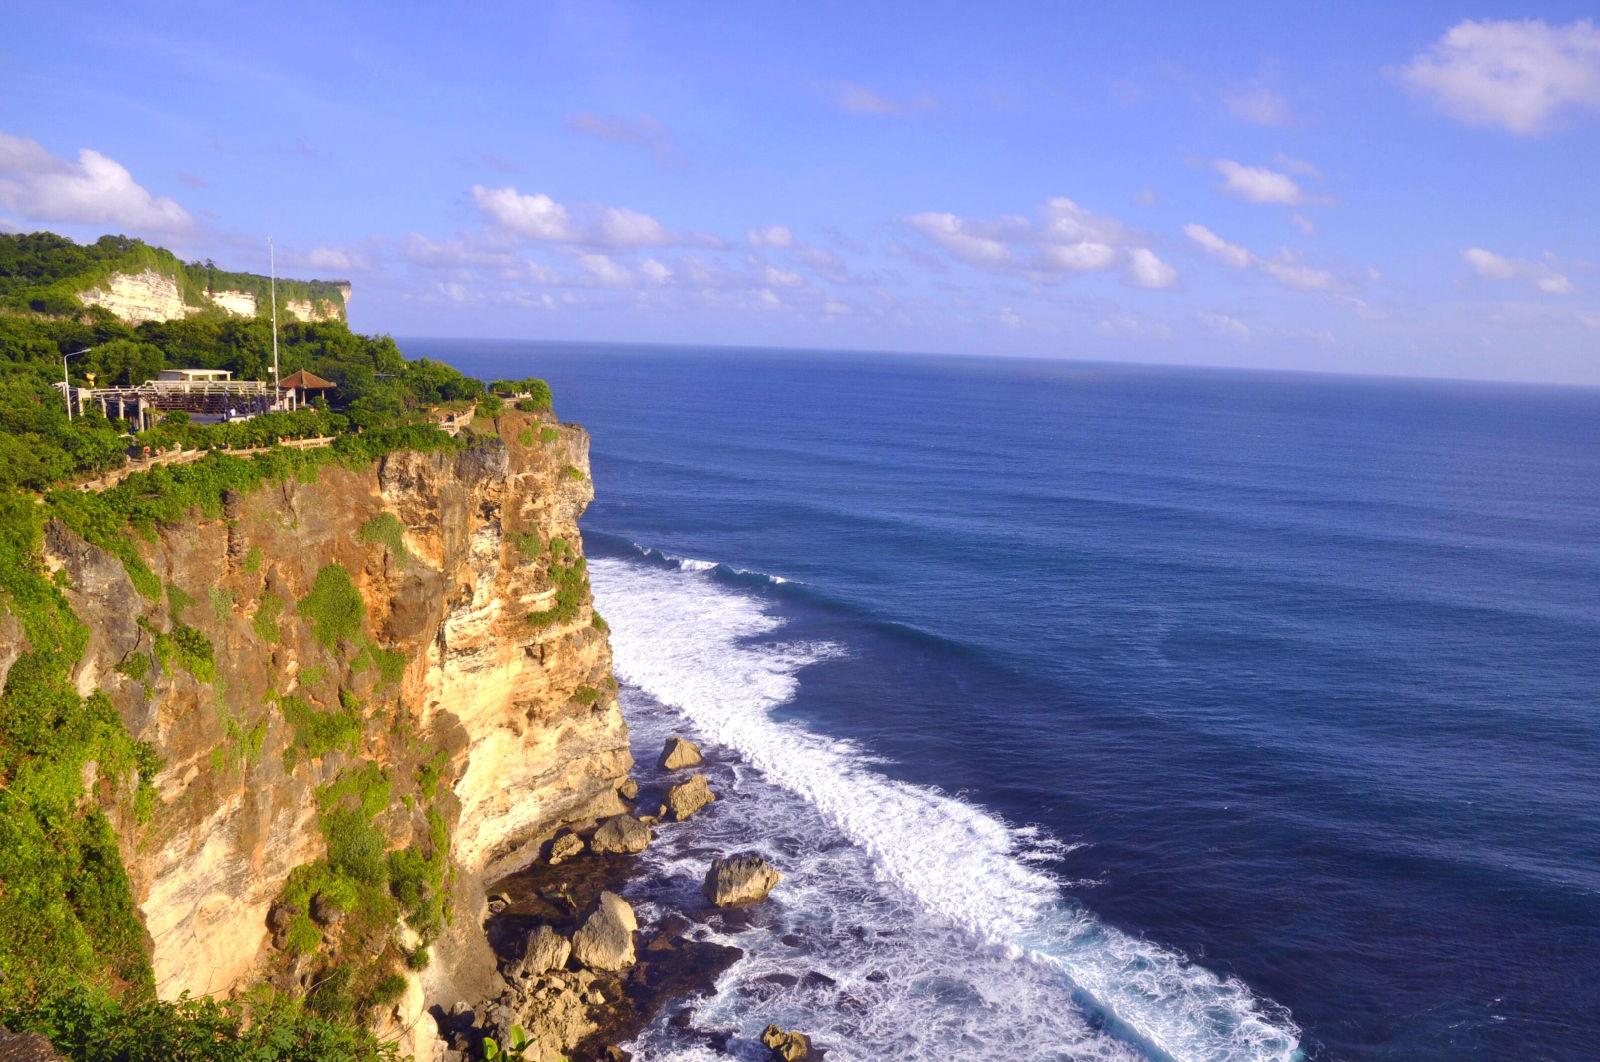 情人崖-巴厘岛旅游景点